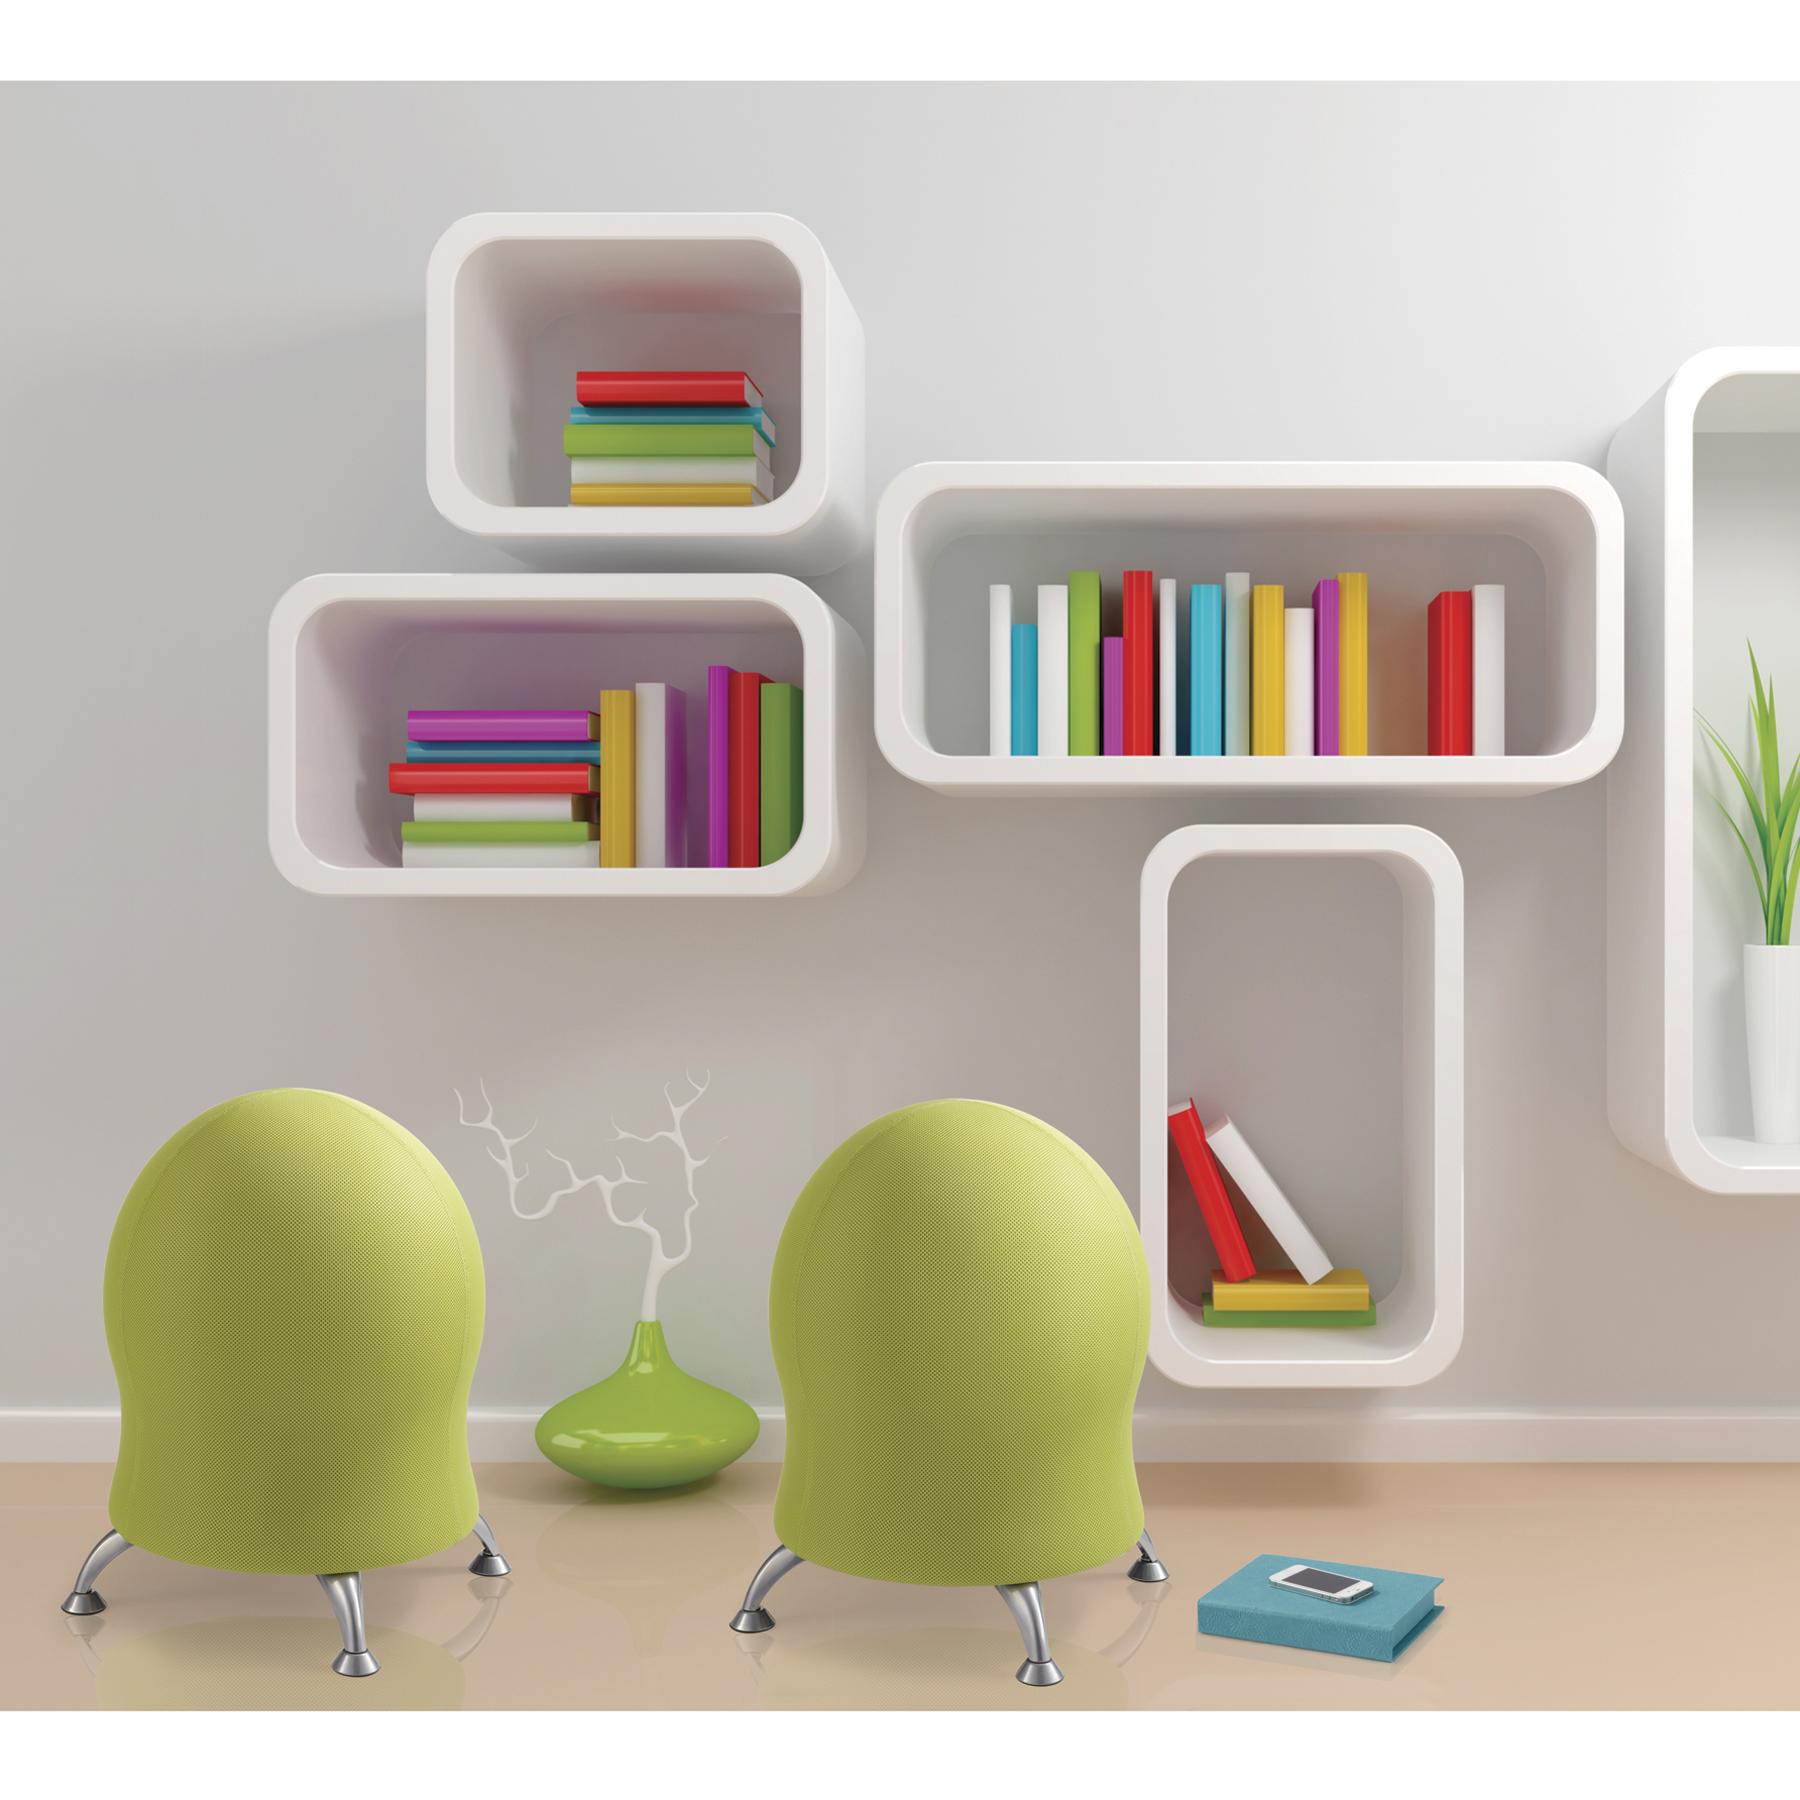 PDF · ZenergyGreen · ZenergyBlack · ZenergyRoom · AlphaBetter Glm Hr ·  ZenergyRed · Runtz · Safco Zenergy™ Ball Chairs